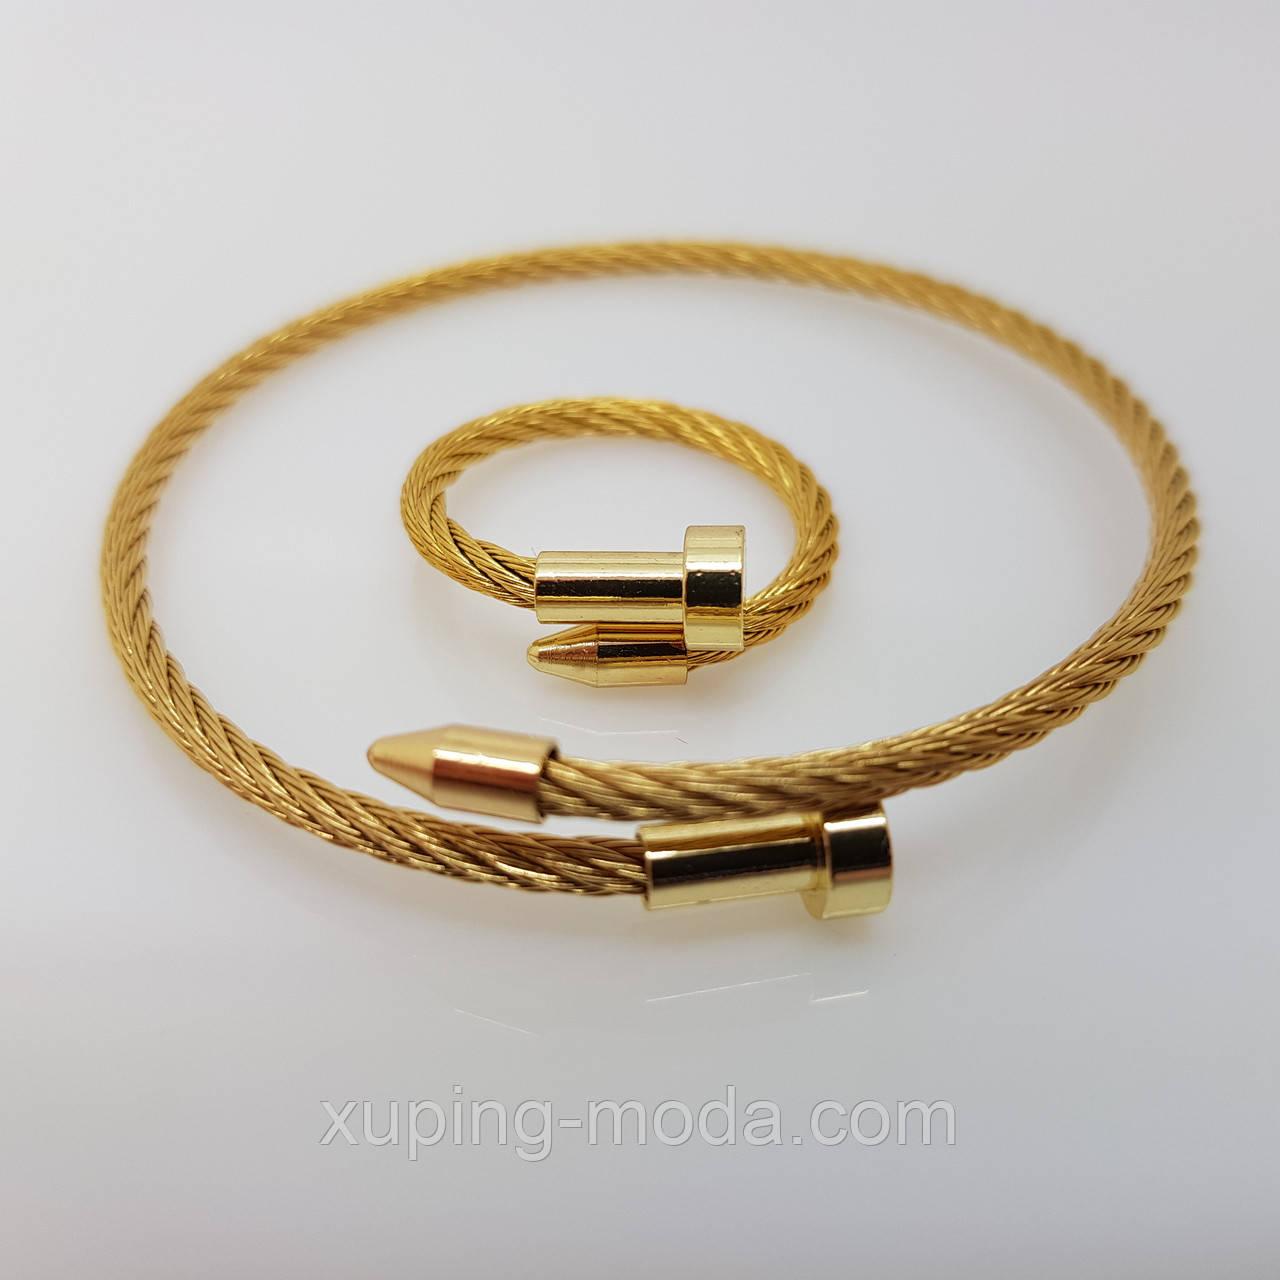 Браслет+кольцо в виде гвоздя, под золото